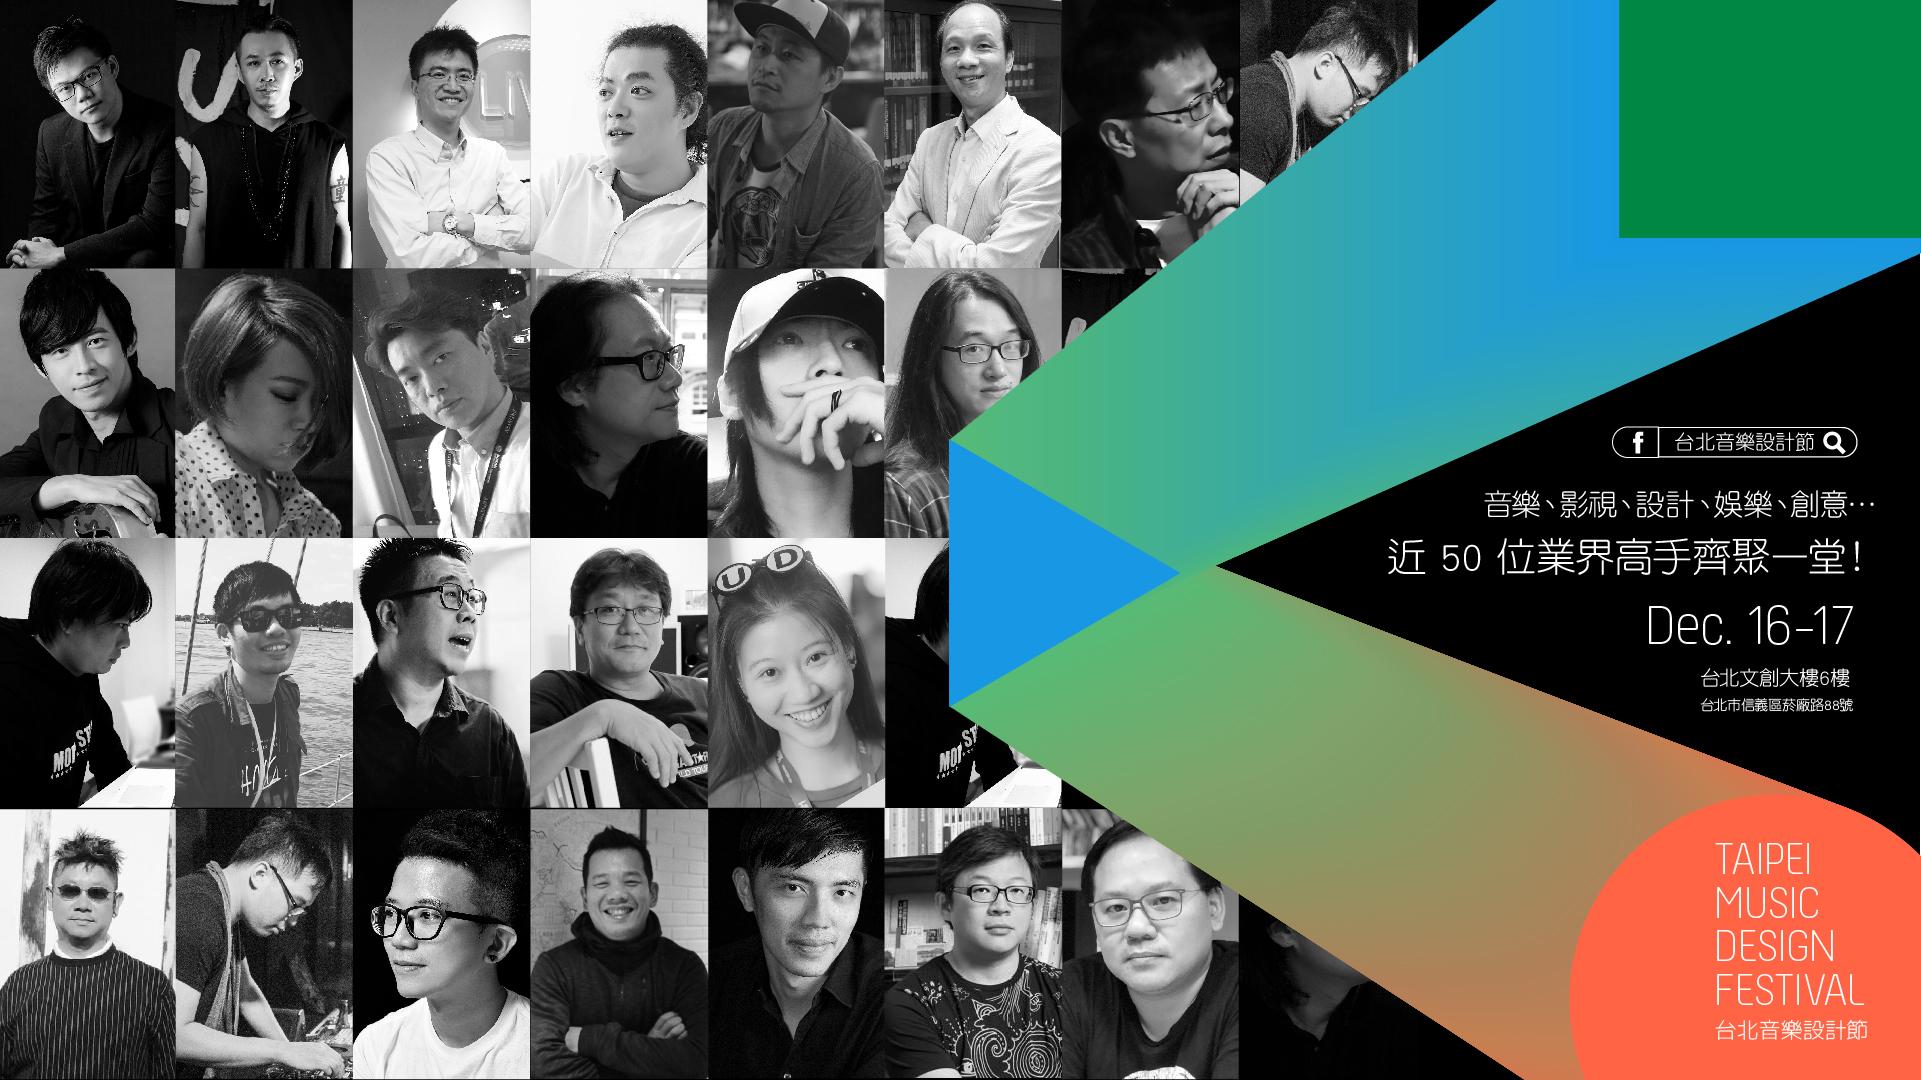 台北音樂設計節-誠品廣告-橫式-5